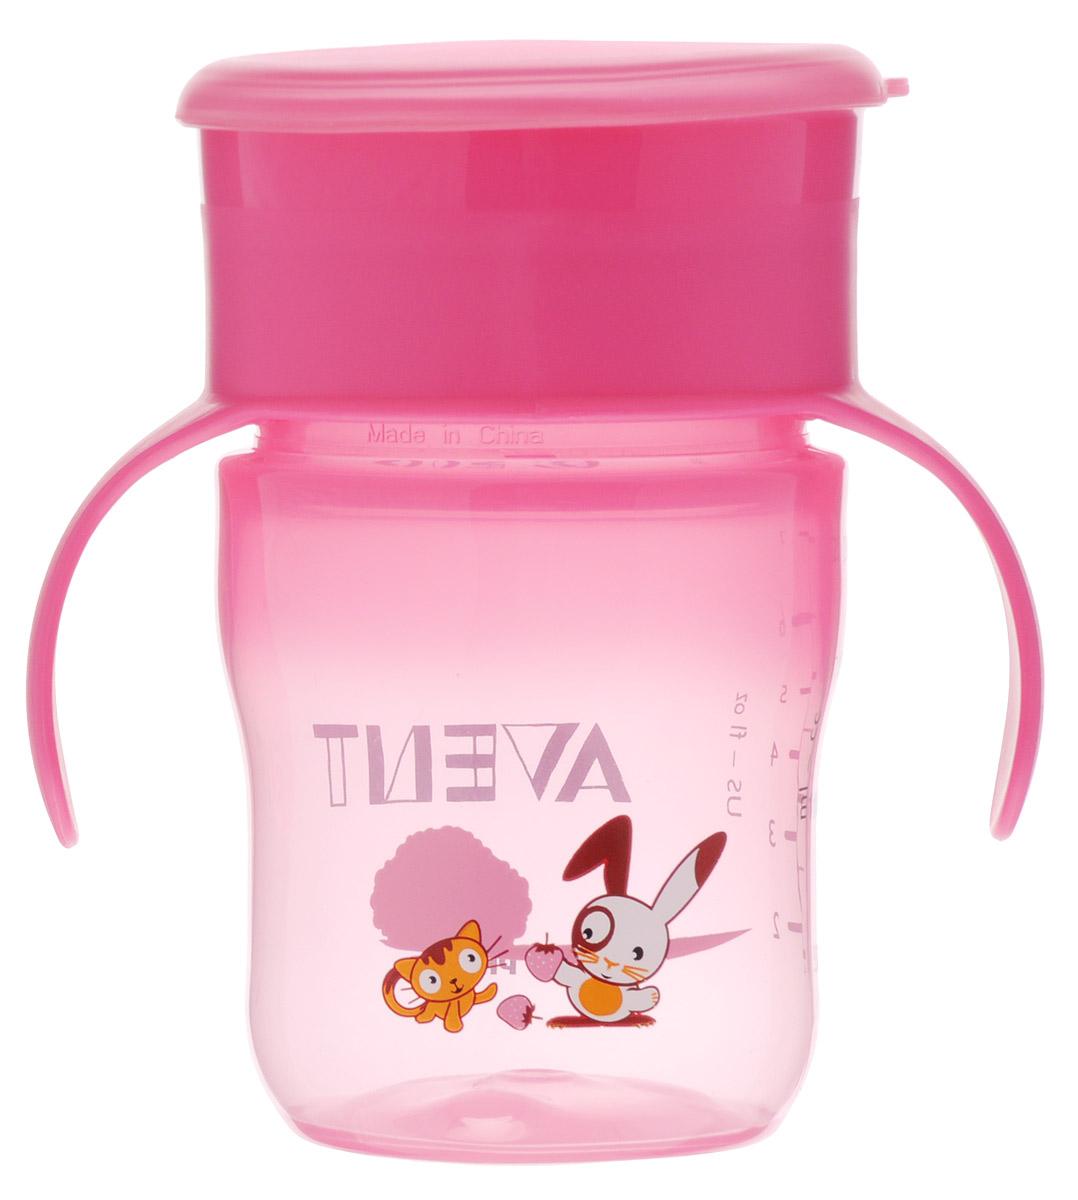 Philips Avent Чашка-поильник от 12 месяцев цвет розовый 260 млSCF782/20Чашка-поильник Philips Avent выполнена из безопасного материала: полипропилена и силиконовой резины. Мерная шкала поможет точно определить оставшееся в поильнике количество жидкости. Поильник оснащен эргономичными ручками. Малыш может пить, нажимая губами по всему краю - простой переход к обычной чашке. Защитная крышка - идеальная для использования дома или в дороге. Легко мыть, можно стерилизовать.